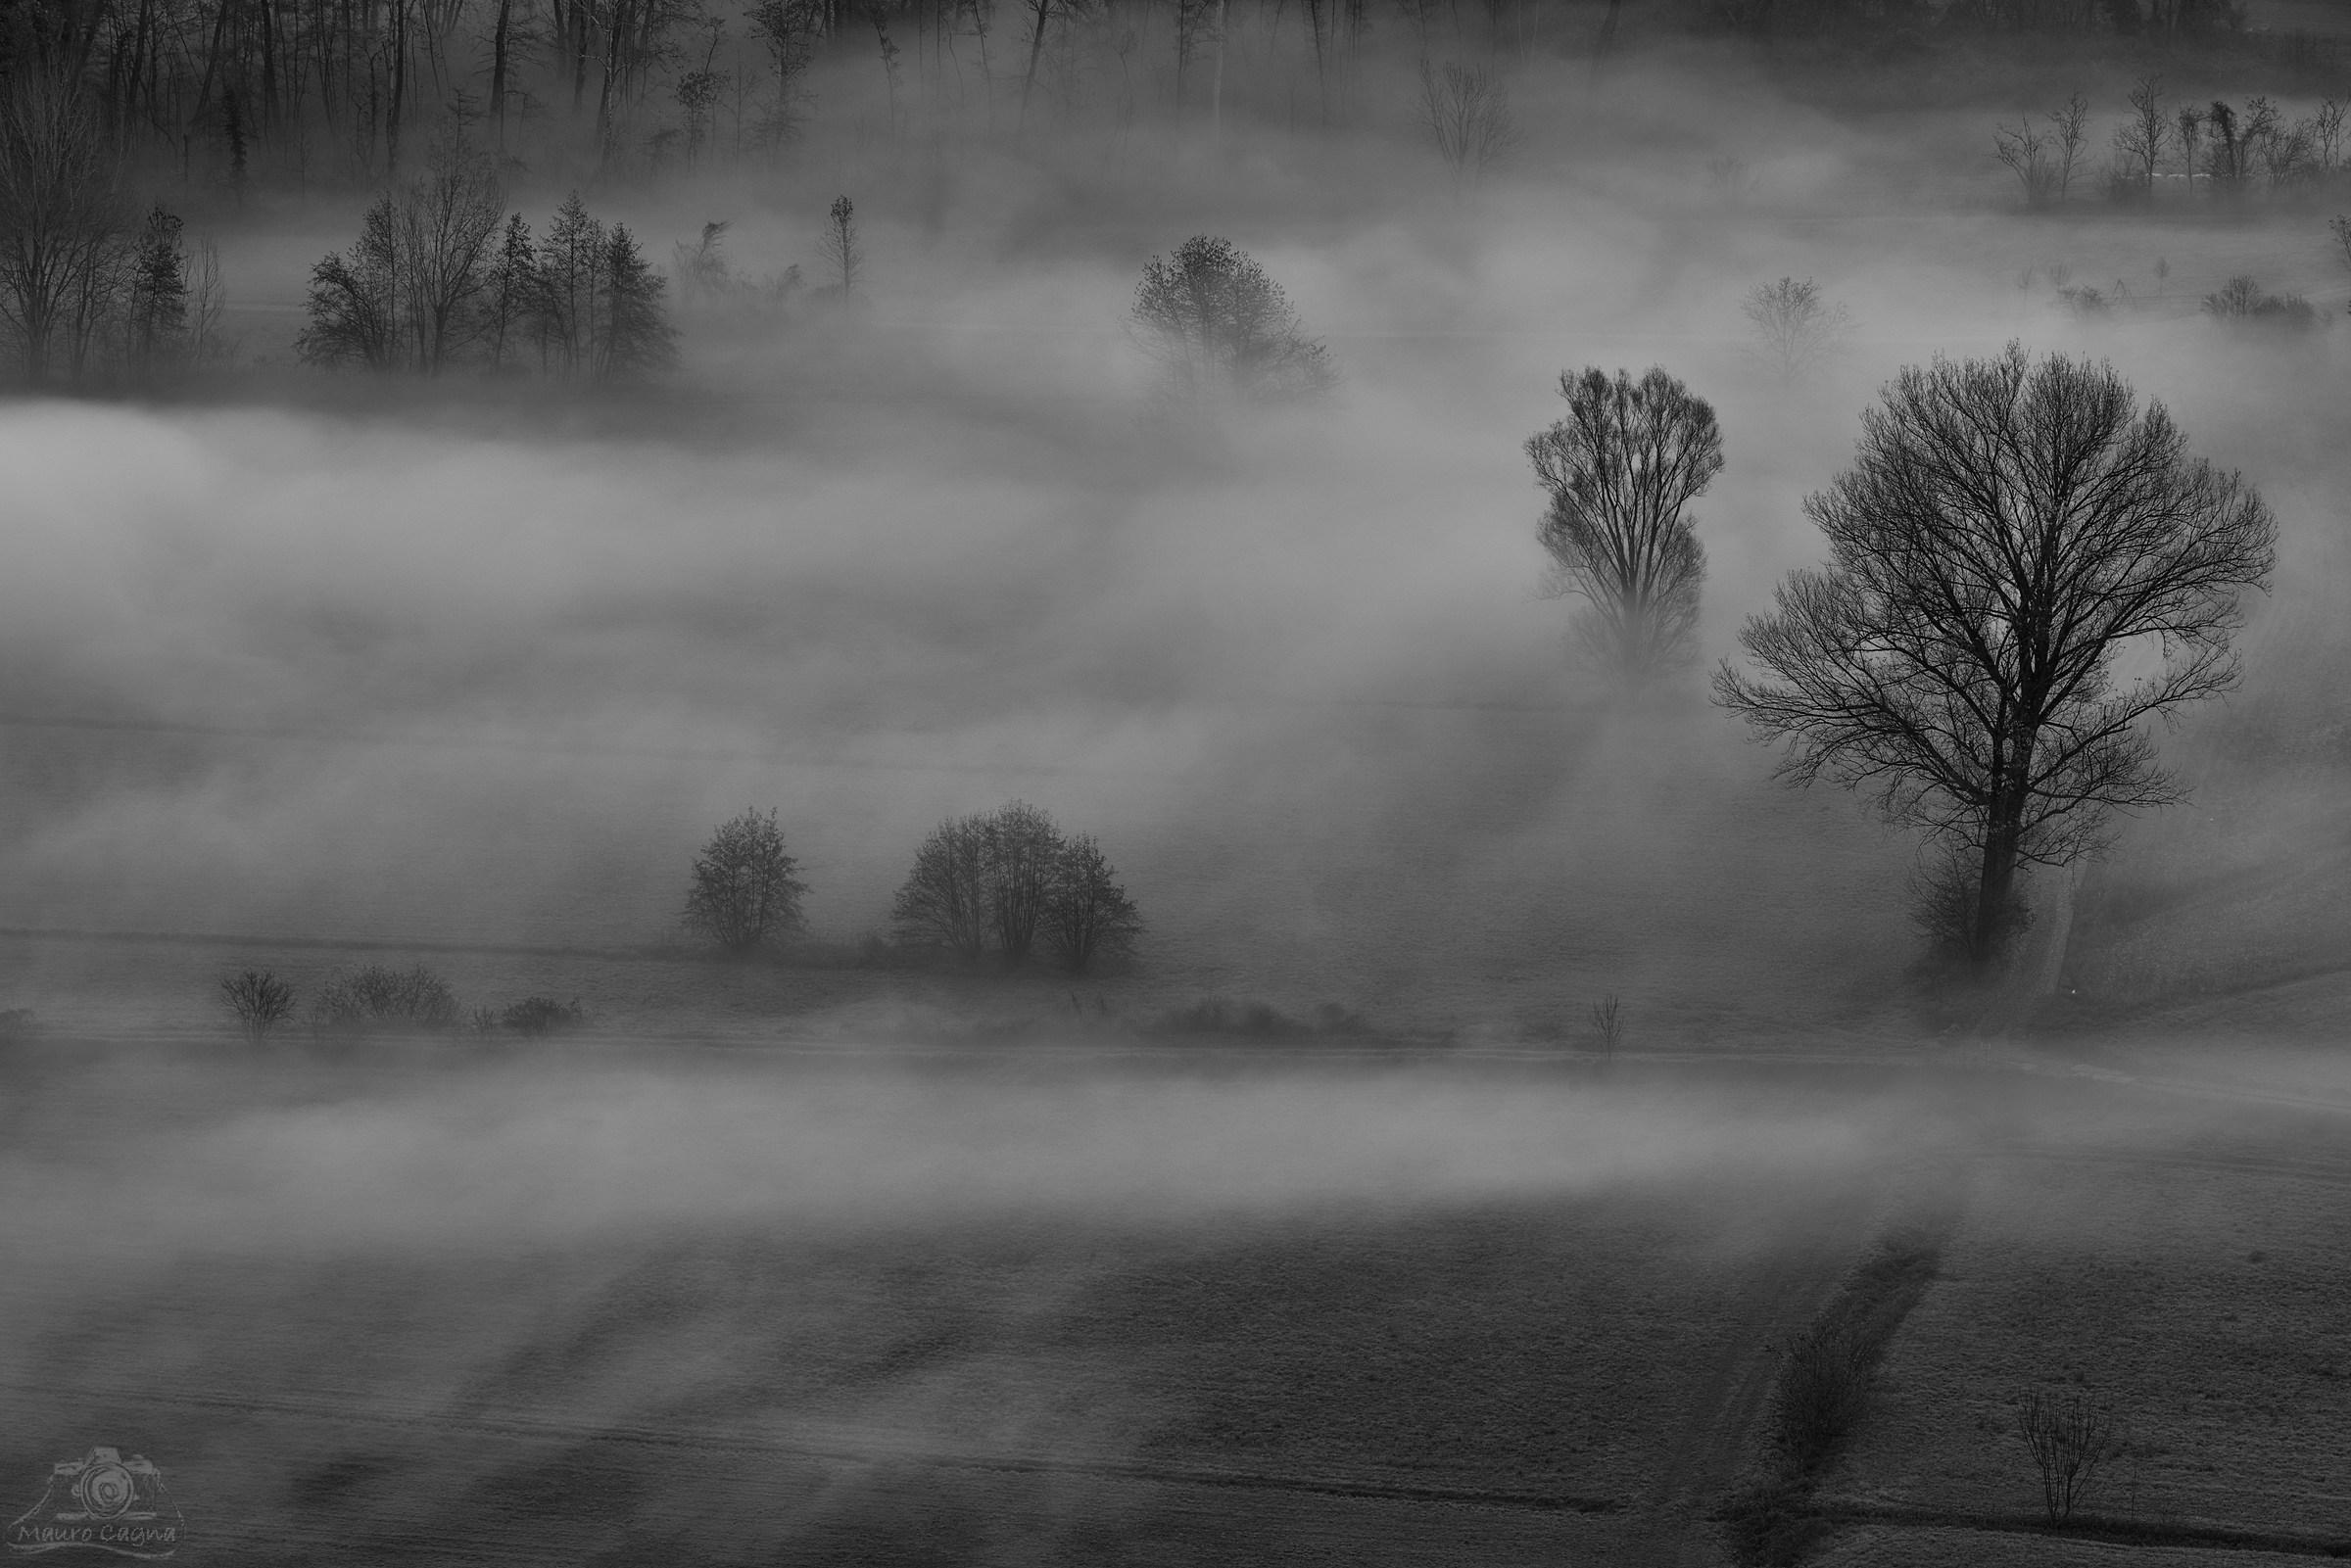 Airuno, nebbia in B&N...